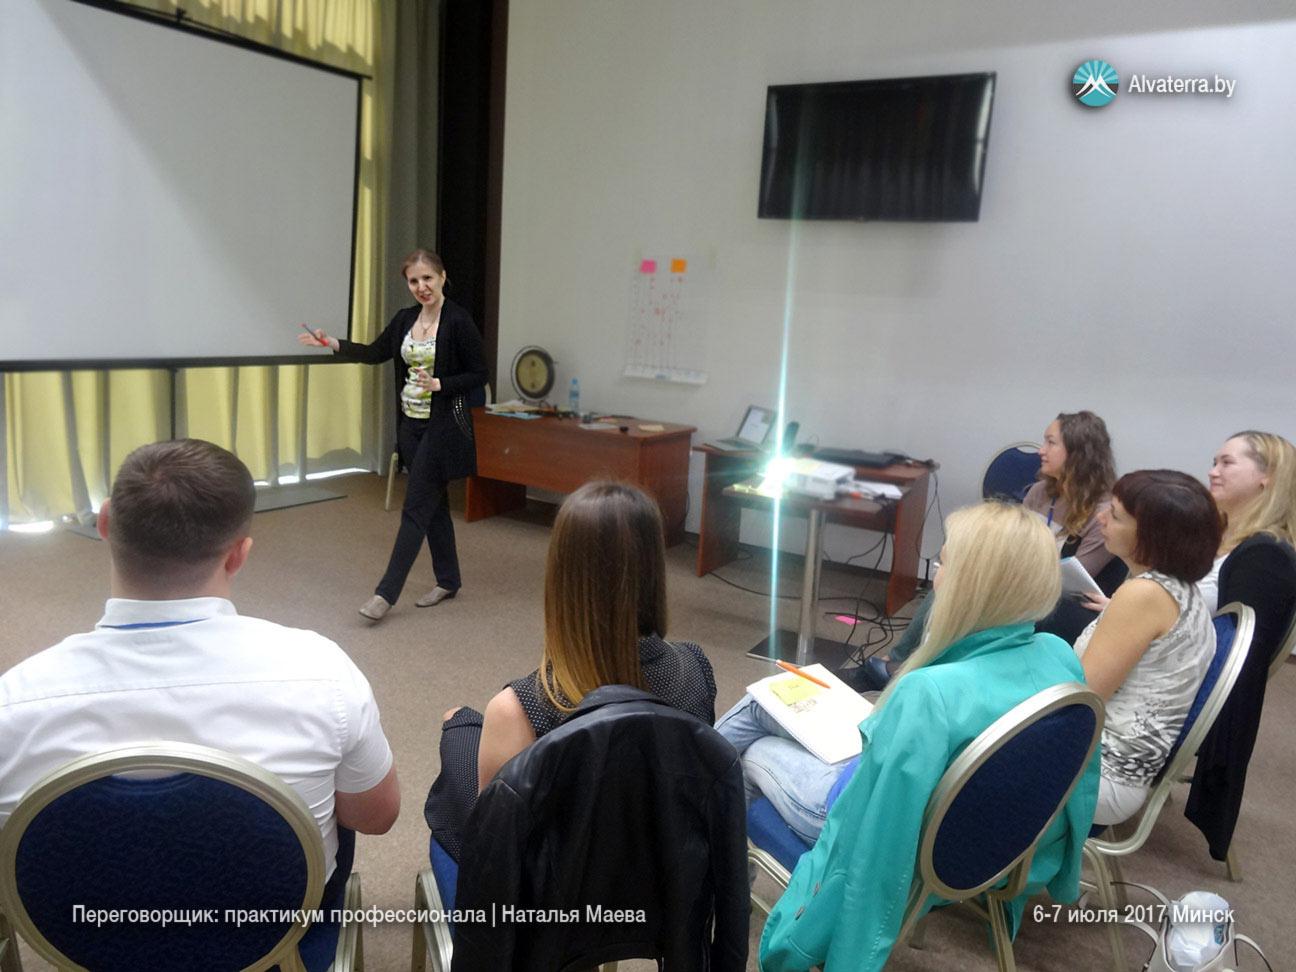 тренинг Натальи Маевой